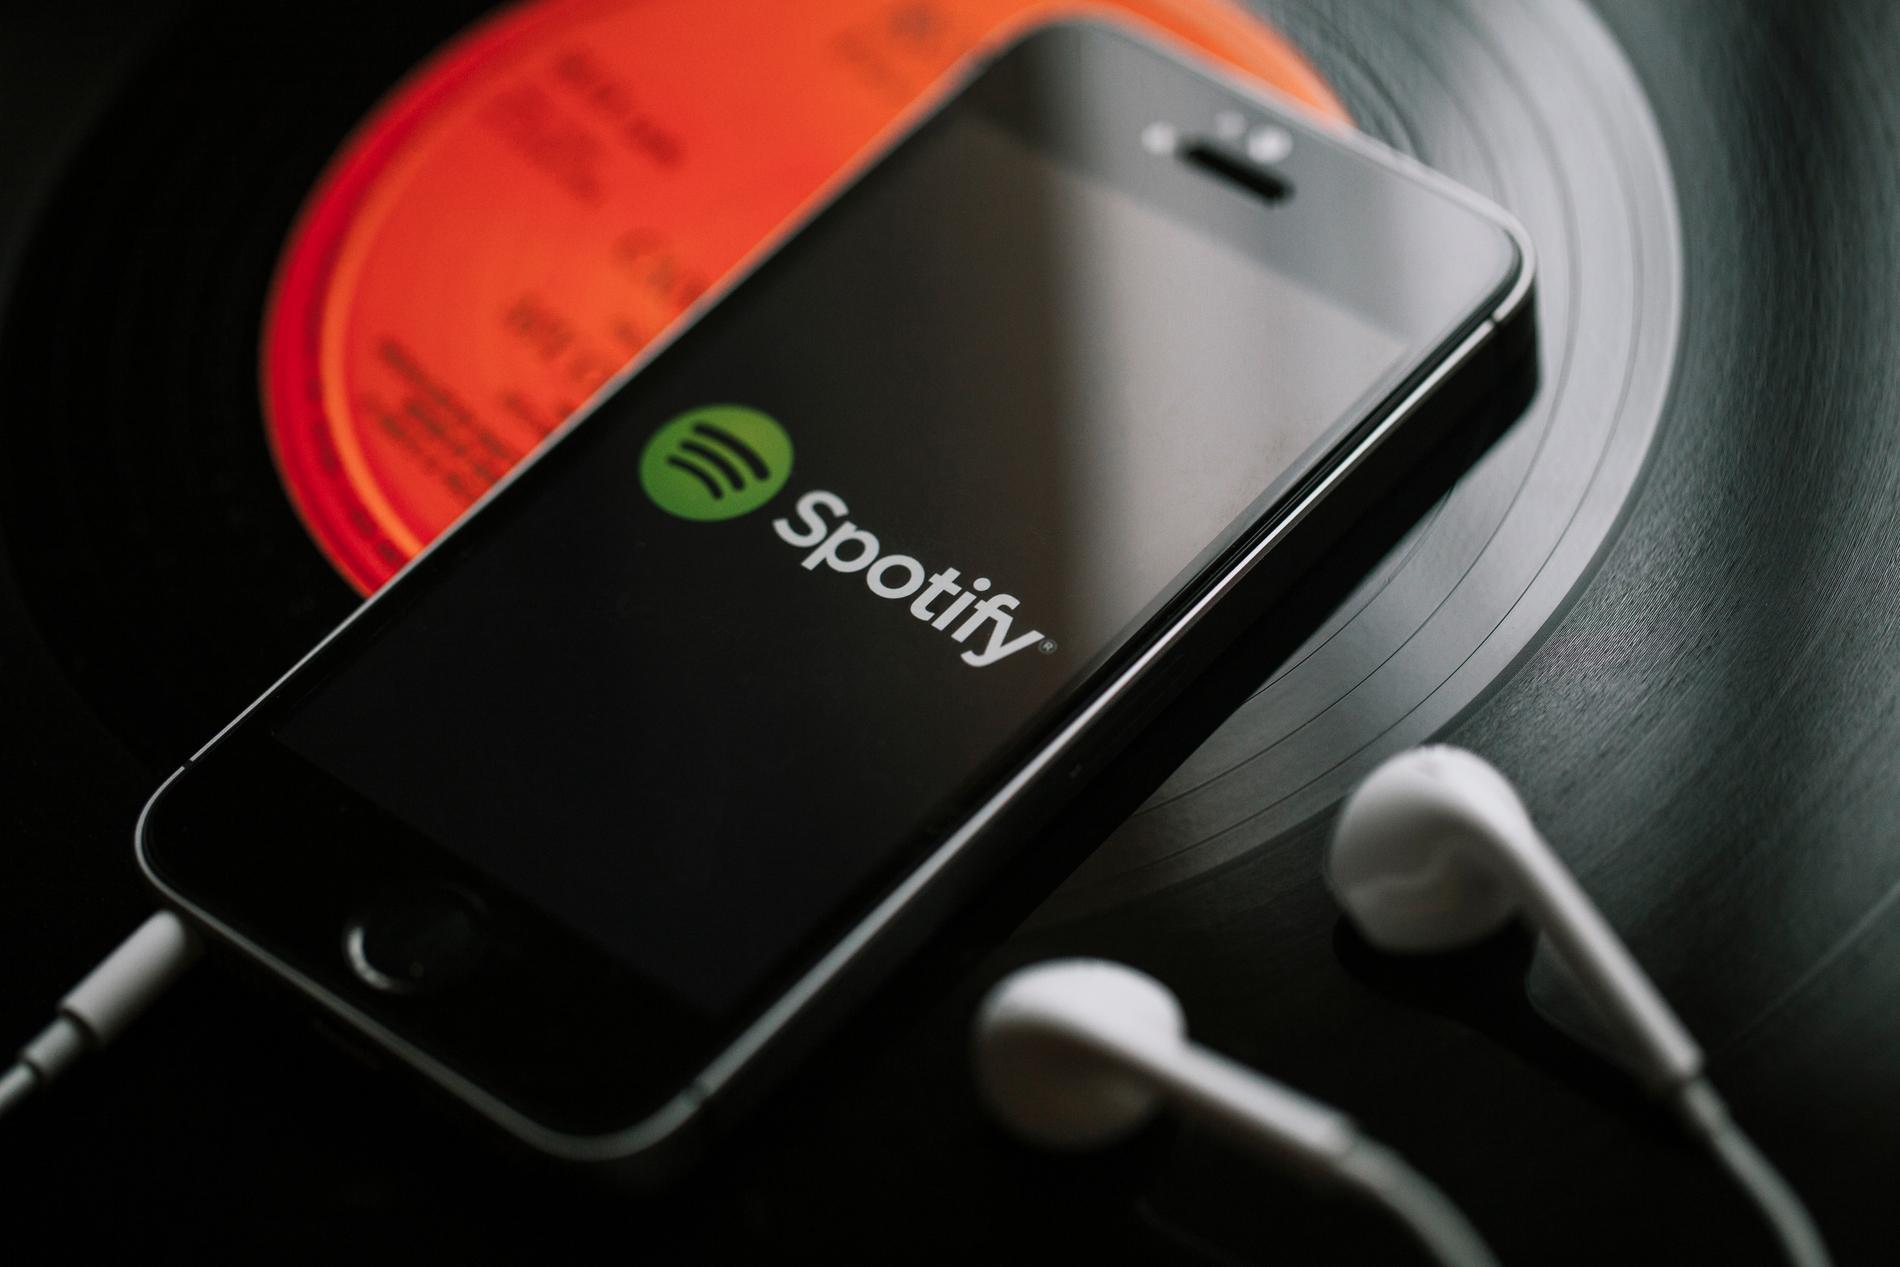 """Spotify наконец появился в России. Он интереснее """"Яндекс.Музыки"""" и Apple Music, но есть проблемы"""